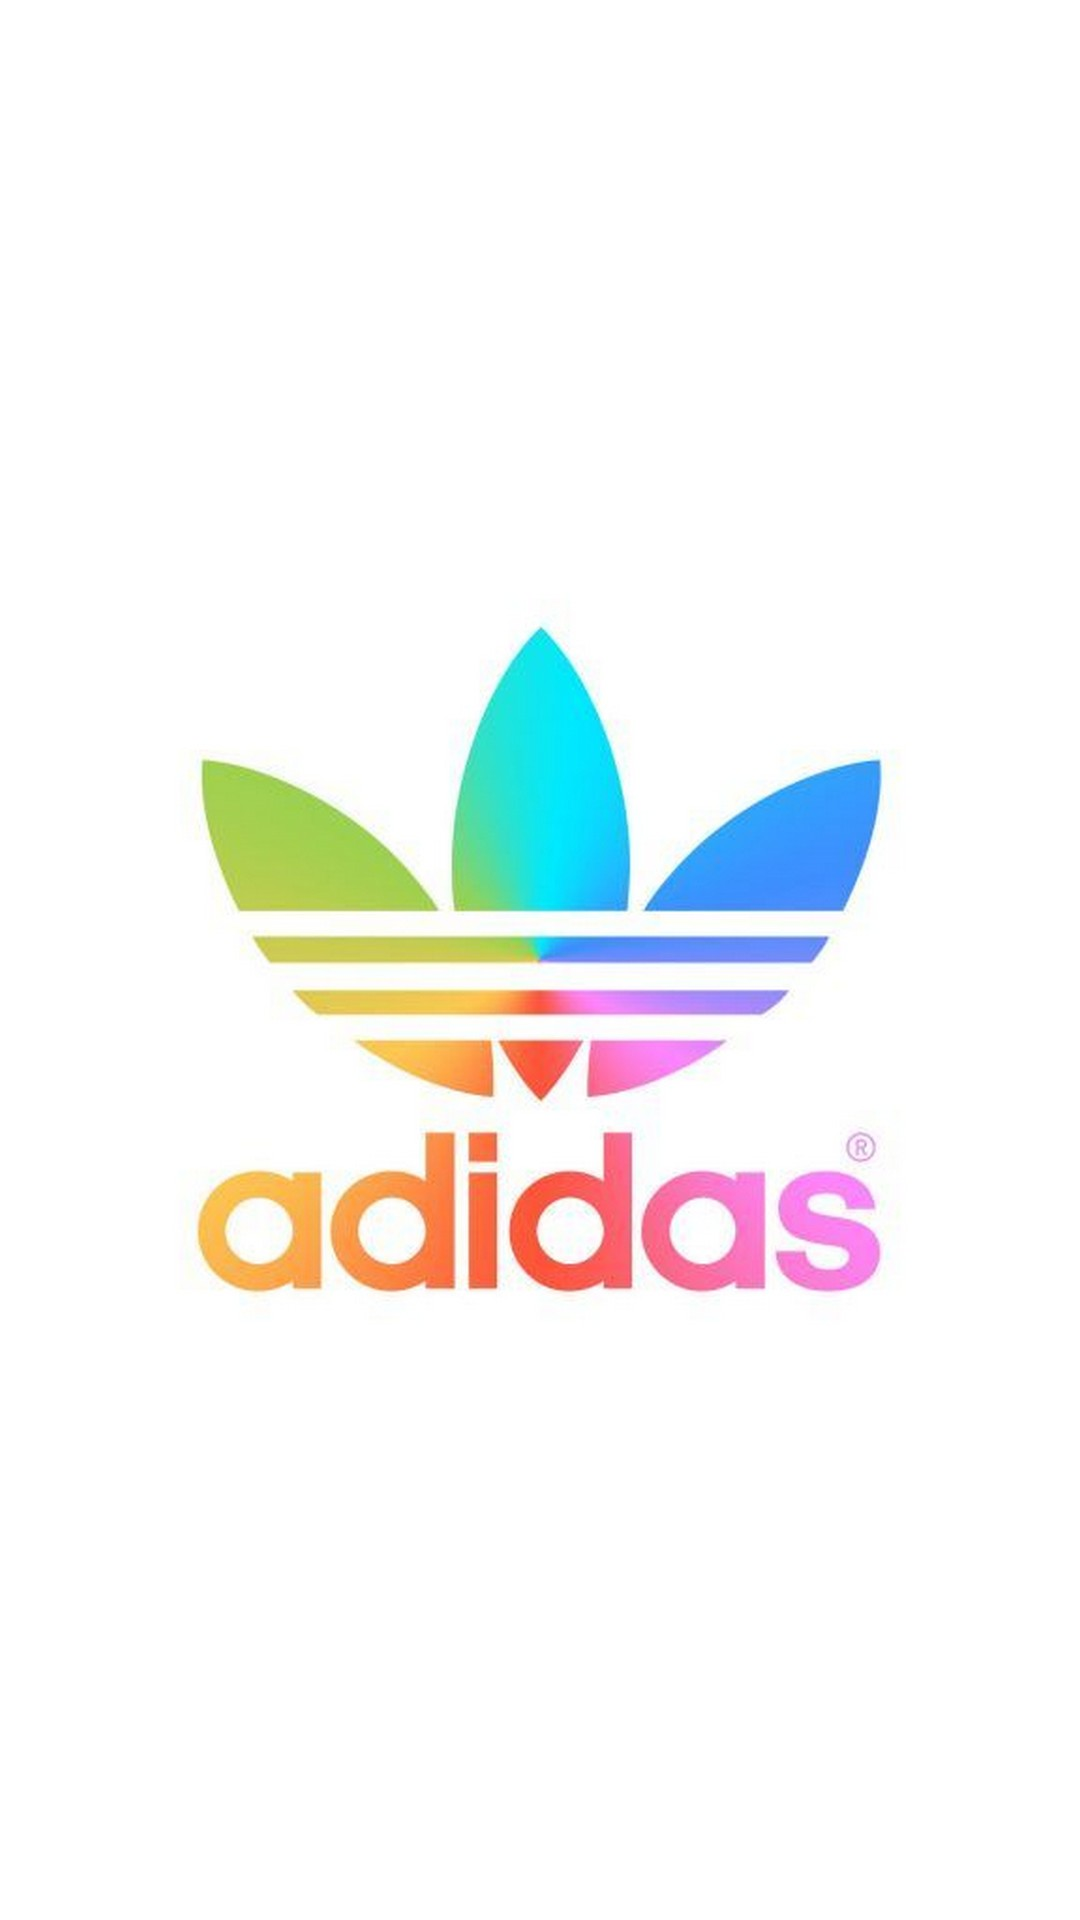 Problema Continental distorsión  logotipo de adidas con fondo blanco - fondo de pantalla adidas - 1080x1920  - WallpaperTip